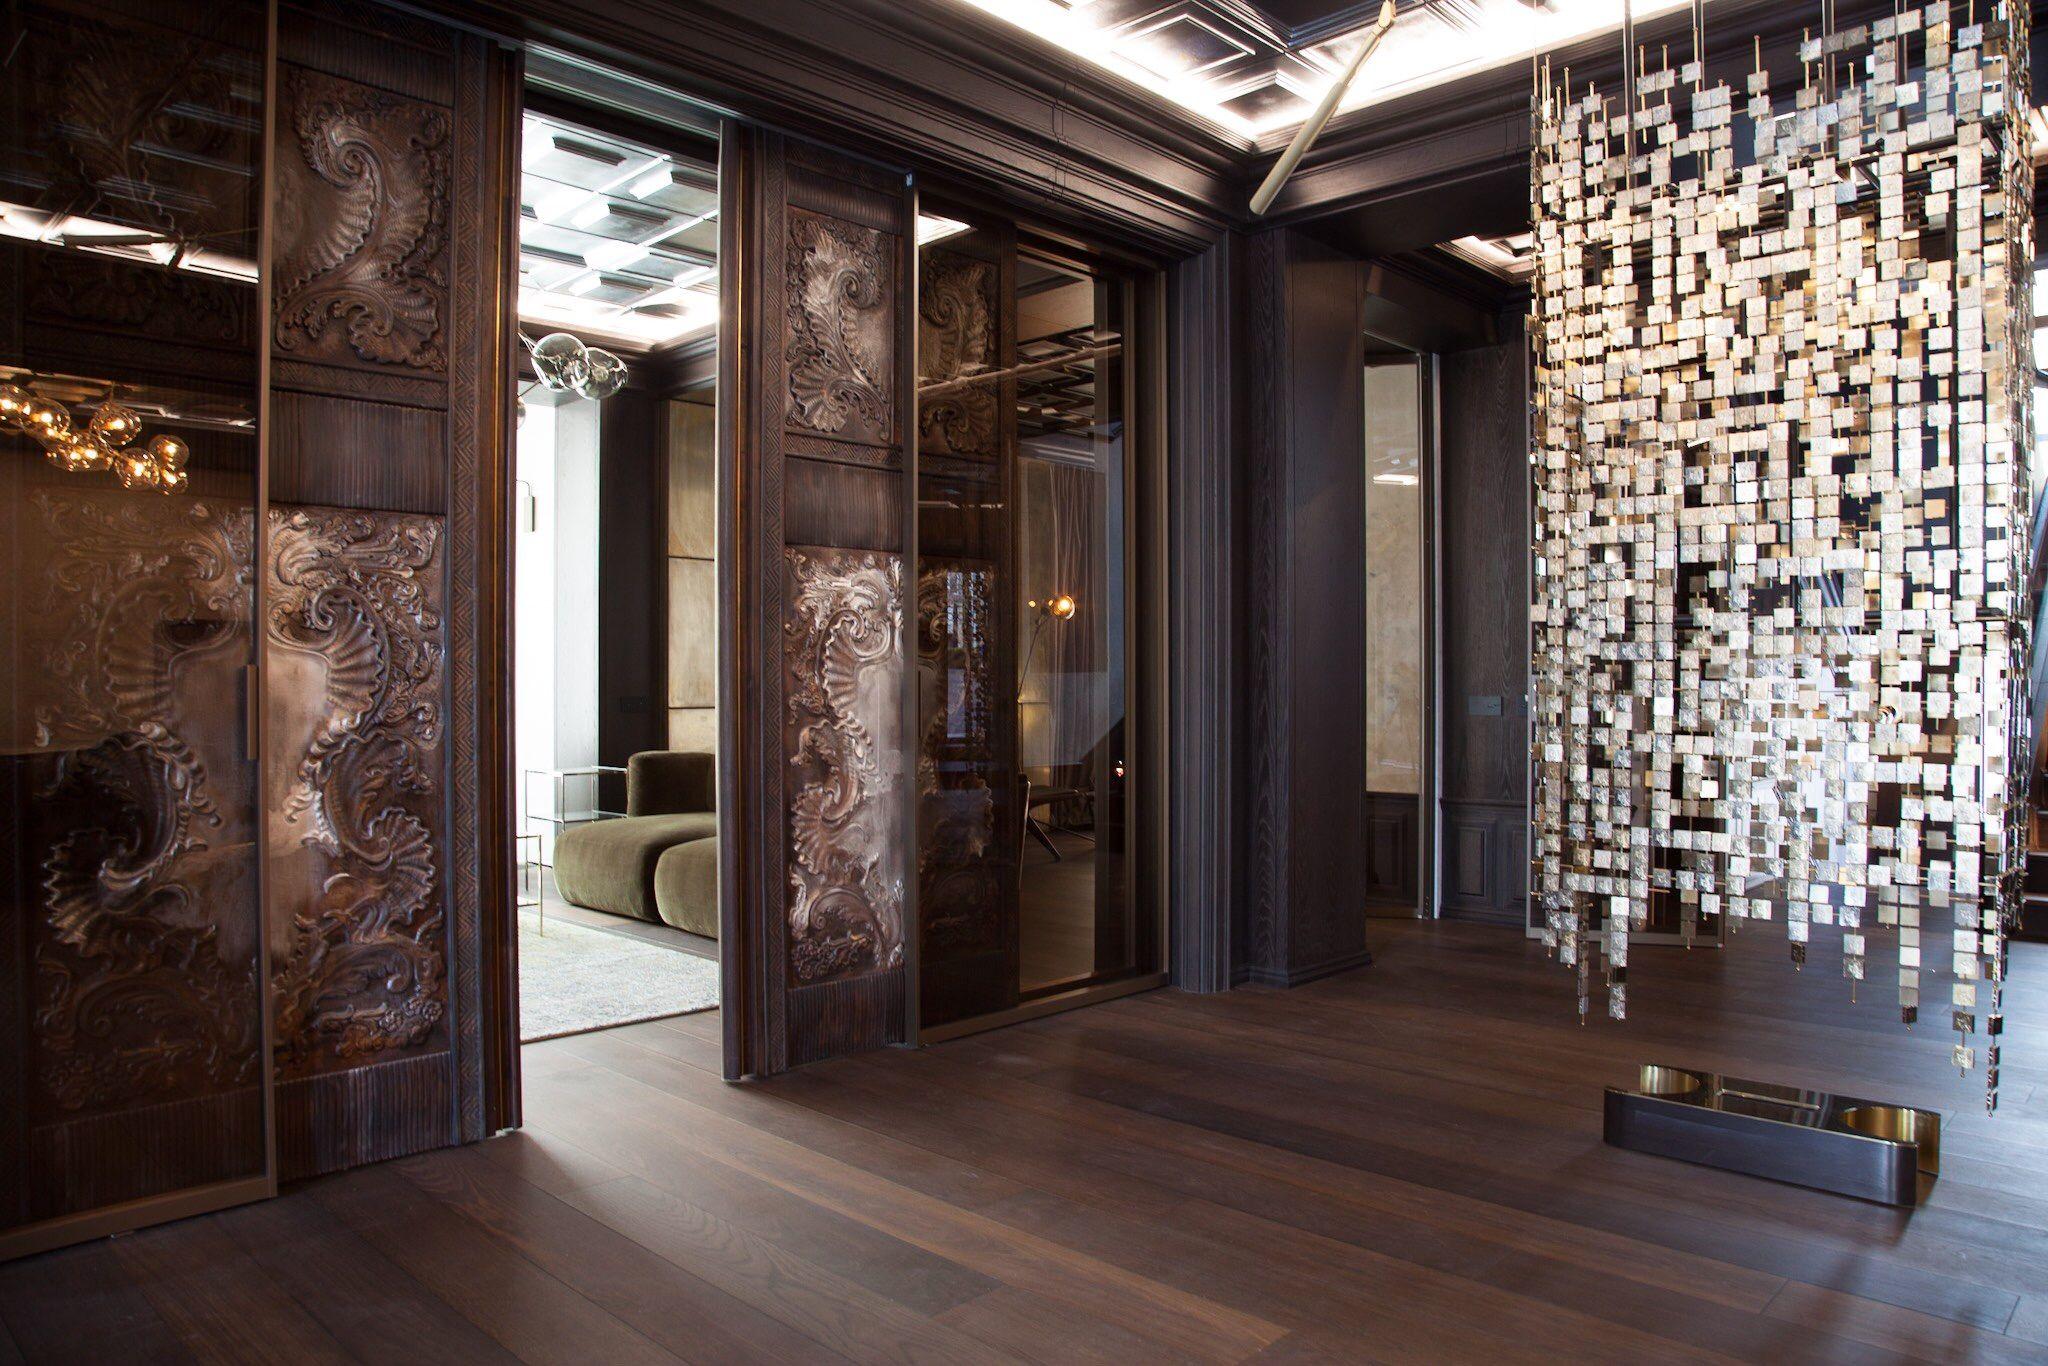 Fußboden Aus Beton Kreuzworträtsel ~ Fußboden ohne opposite retro design deckenventilator santa pepeo